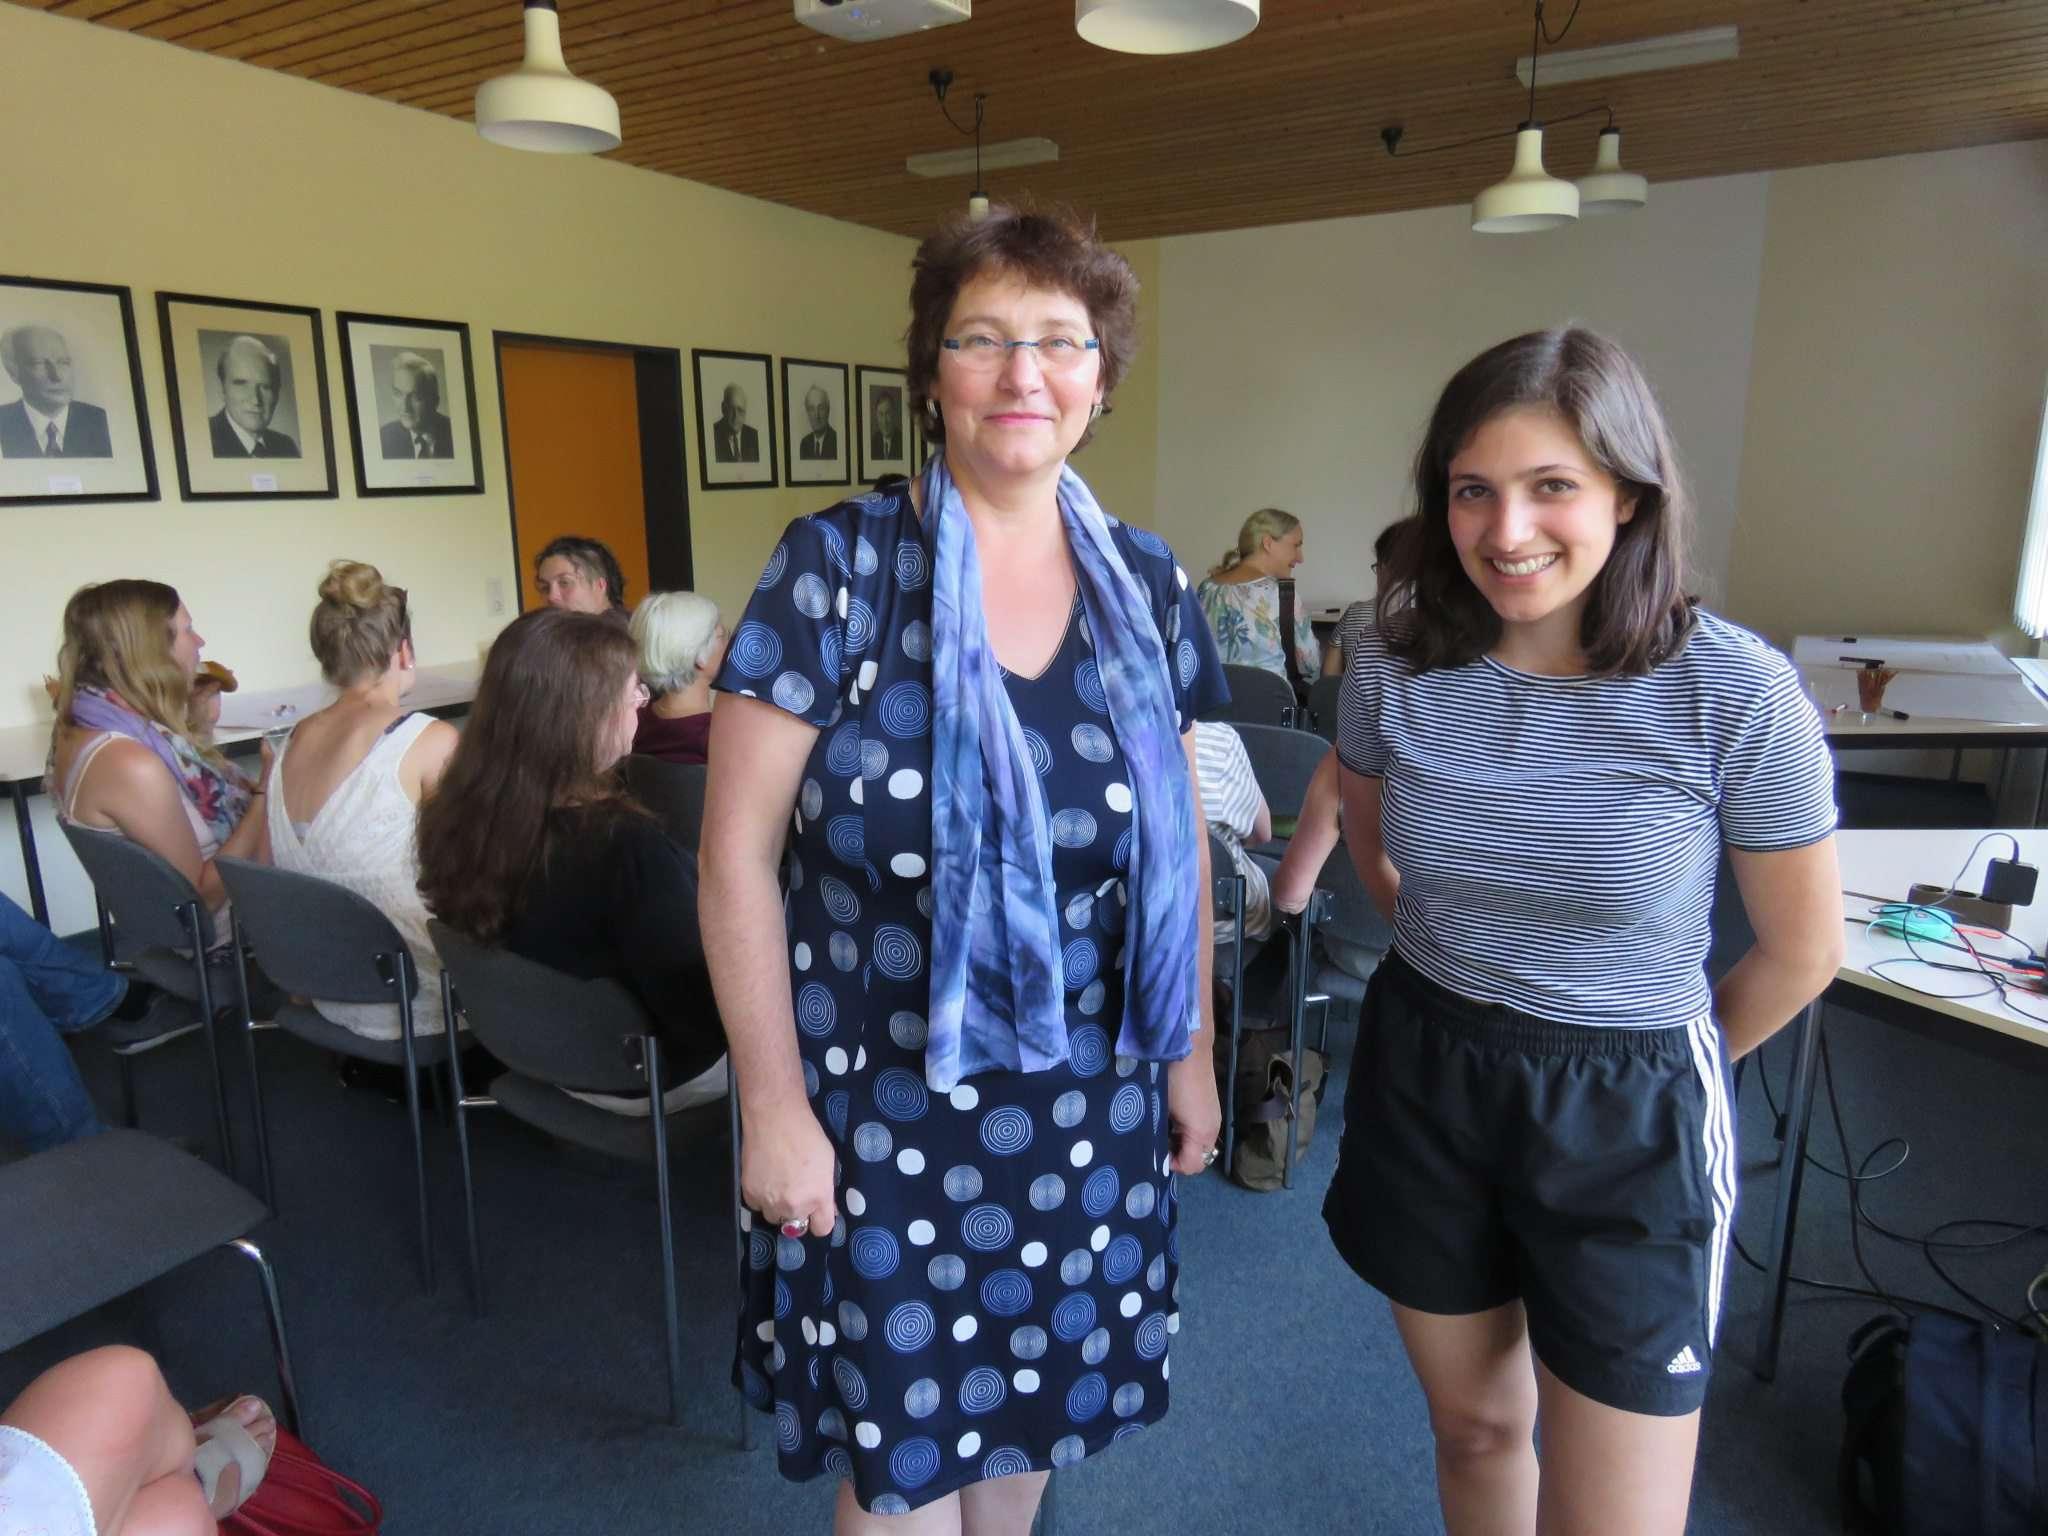 Marlies Meyer (links) und Sirin Özdin präsentierten einen Film über den tatsächlichen Stand der Gleichberechtigung. Foto: Elke Keppler-Roesenau